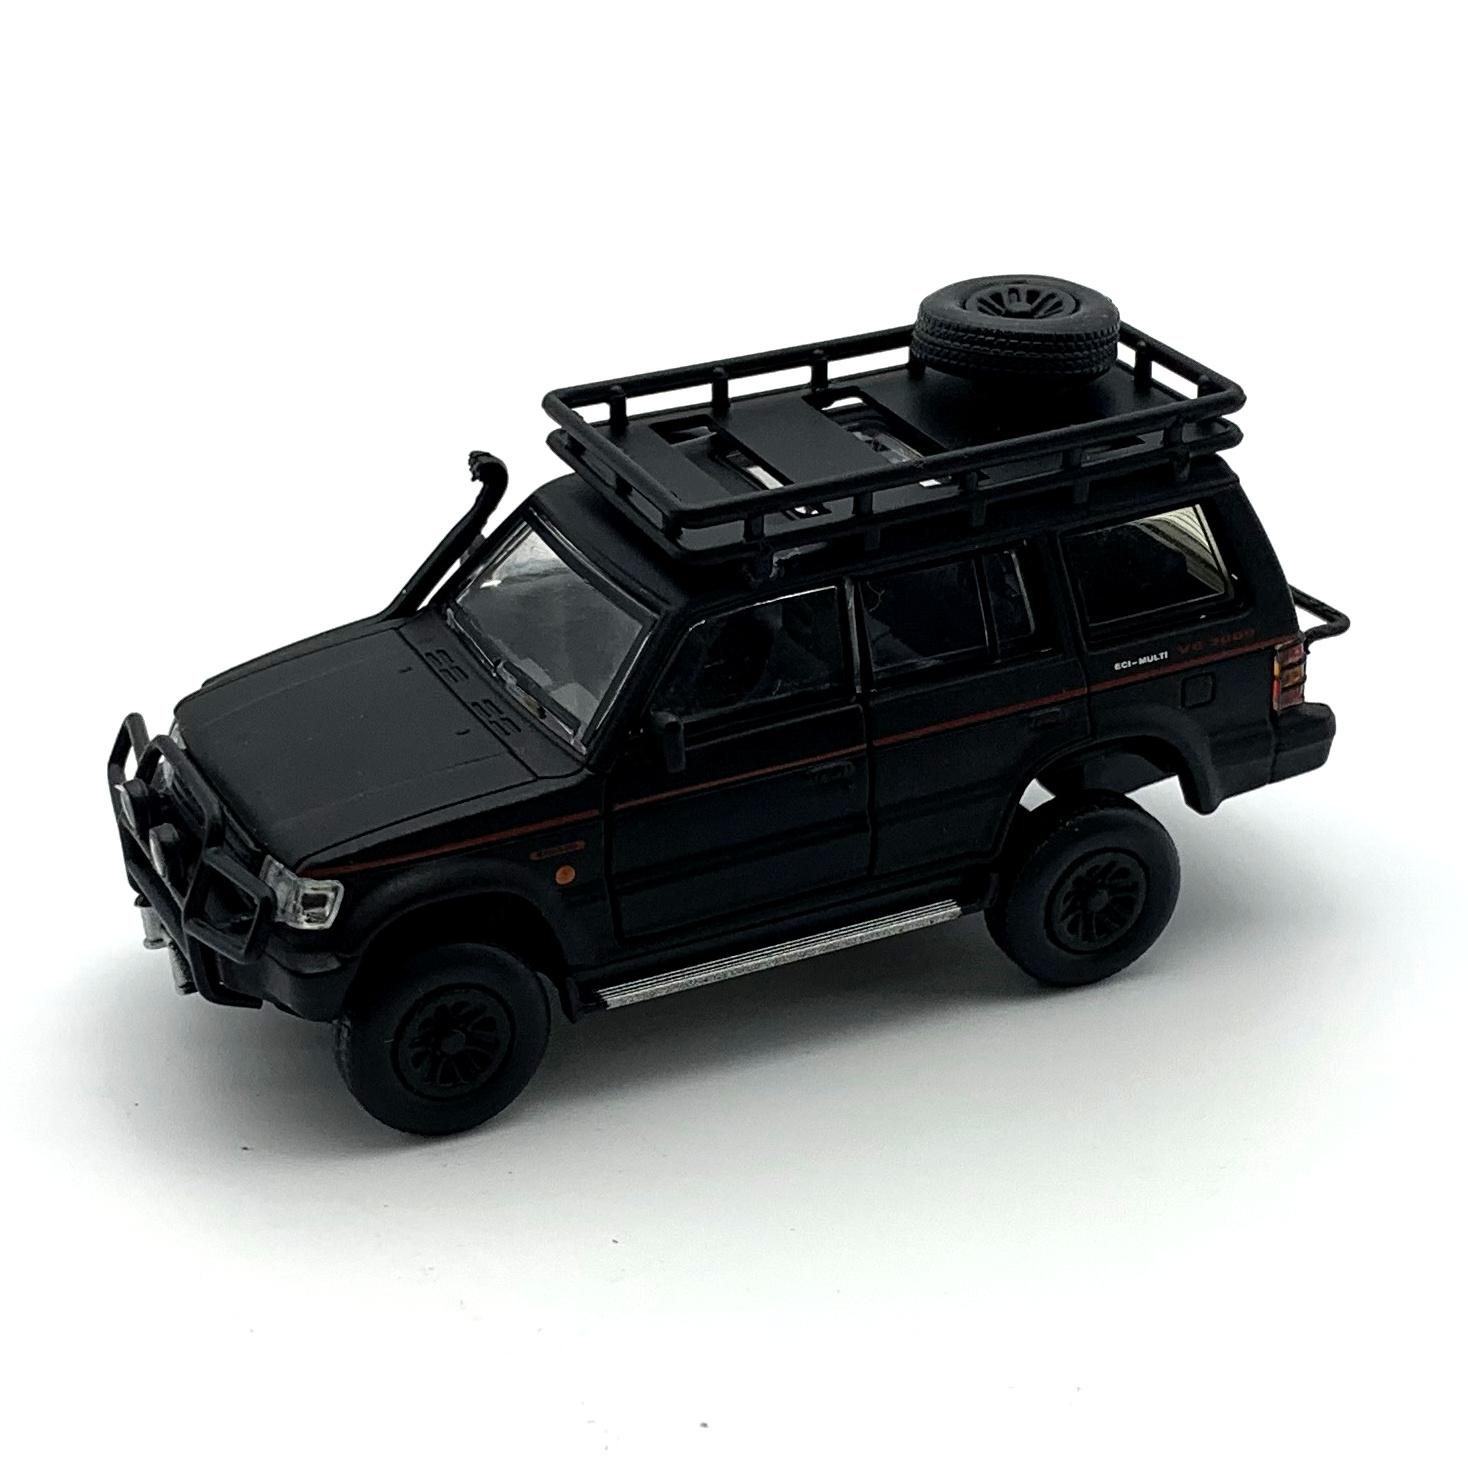 BM CREATIONS 三菱 パジェロ 2nd Generation マットブラック Jungle pack  LHD